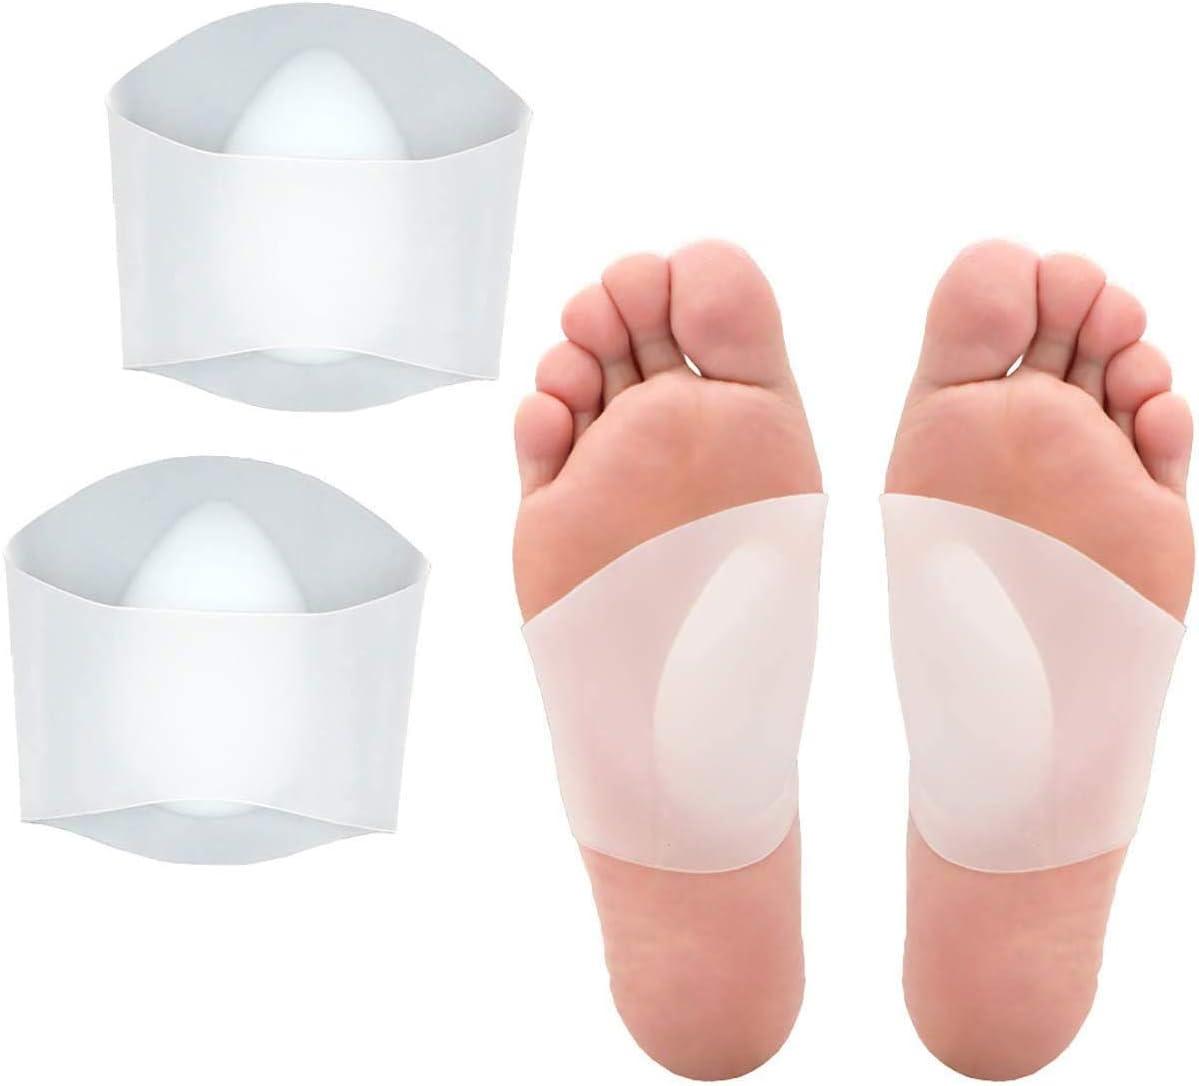 2 pares plantillas de gel para el arco del pie,Mnioky plantillas de gel suave para el apoyo y alivio del dolor para pies planos y fascitis plantar Almohadillas de gel para espolones del talón